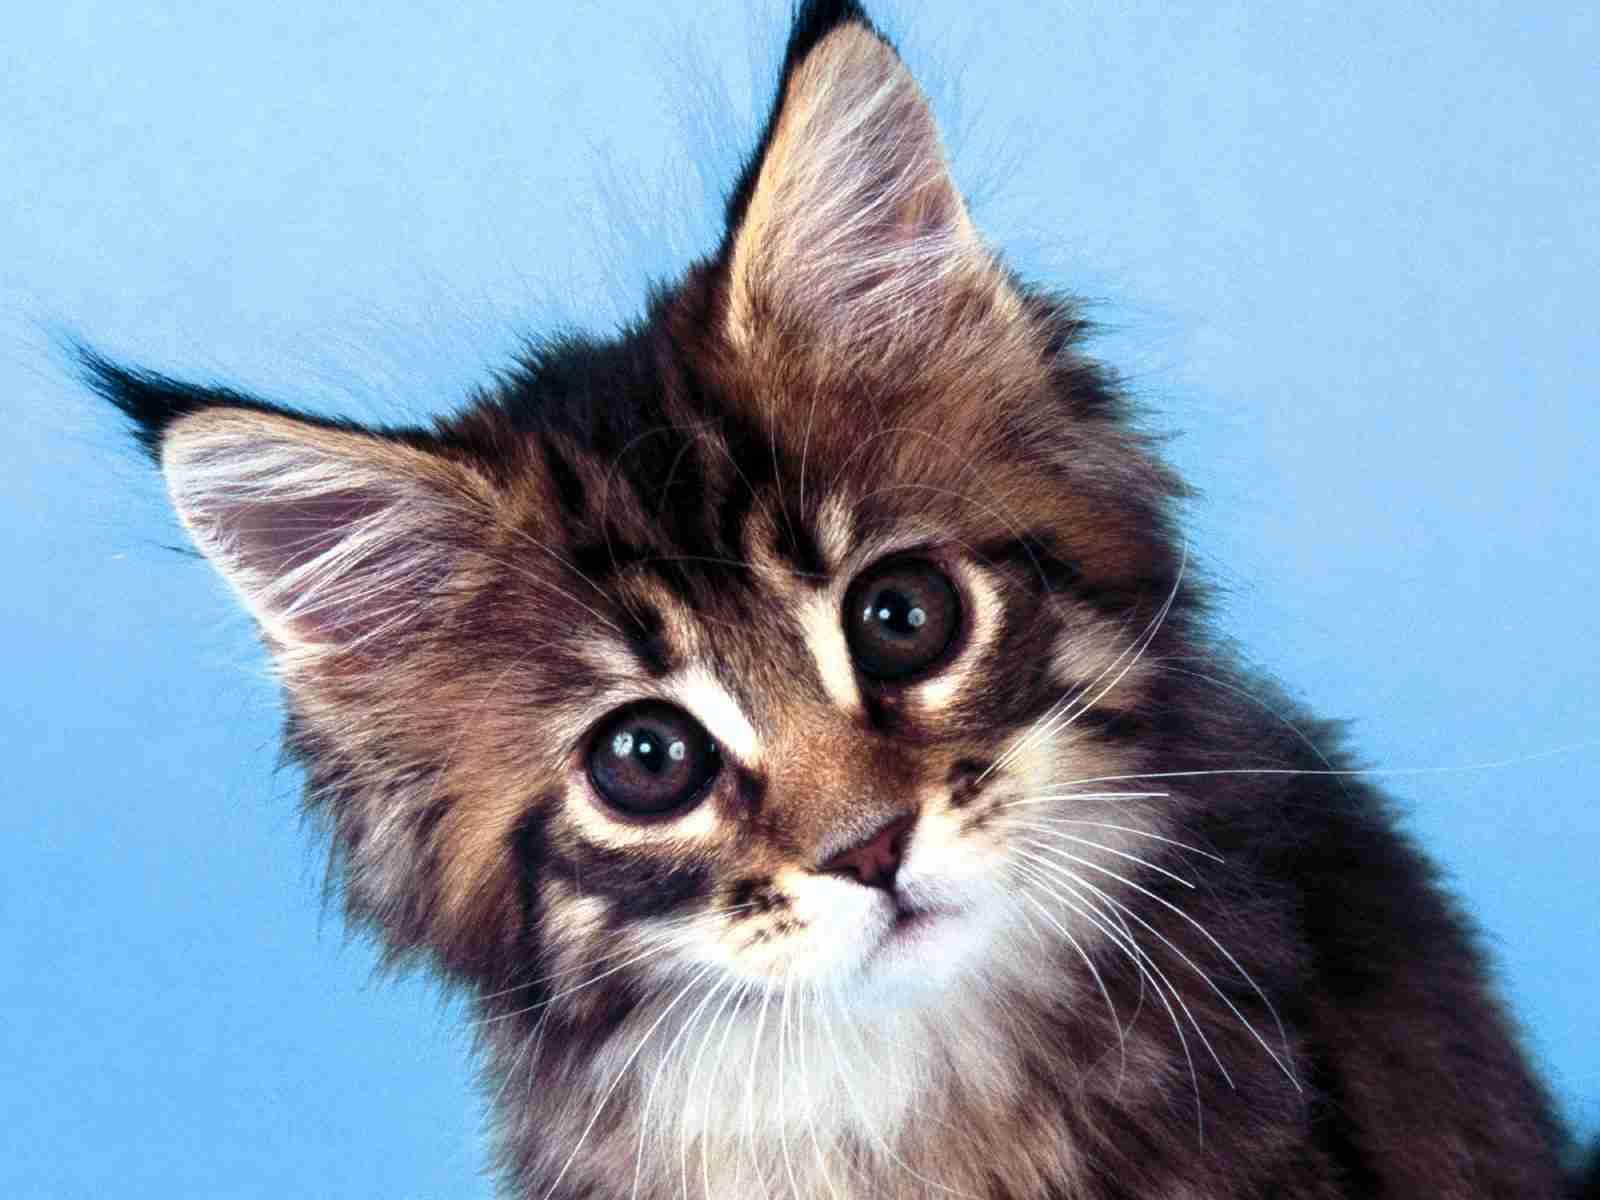 http://1.bp.blogspot.com/-AMk4Xygoy4k/ThjyymEMWjI/AAAAAAAAHl8/6wtAn_DY7xU/s1600/maine-coon-kittens.jpg